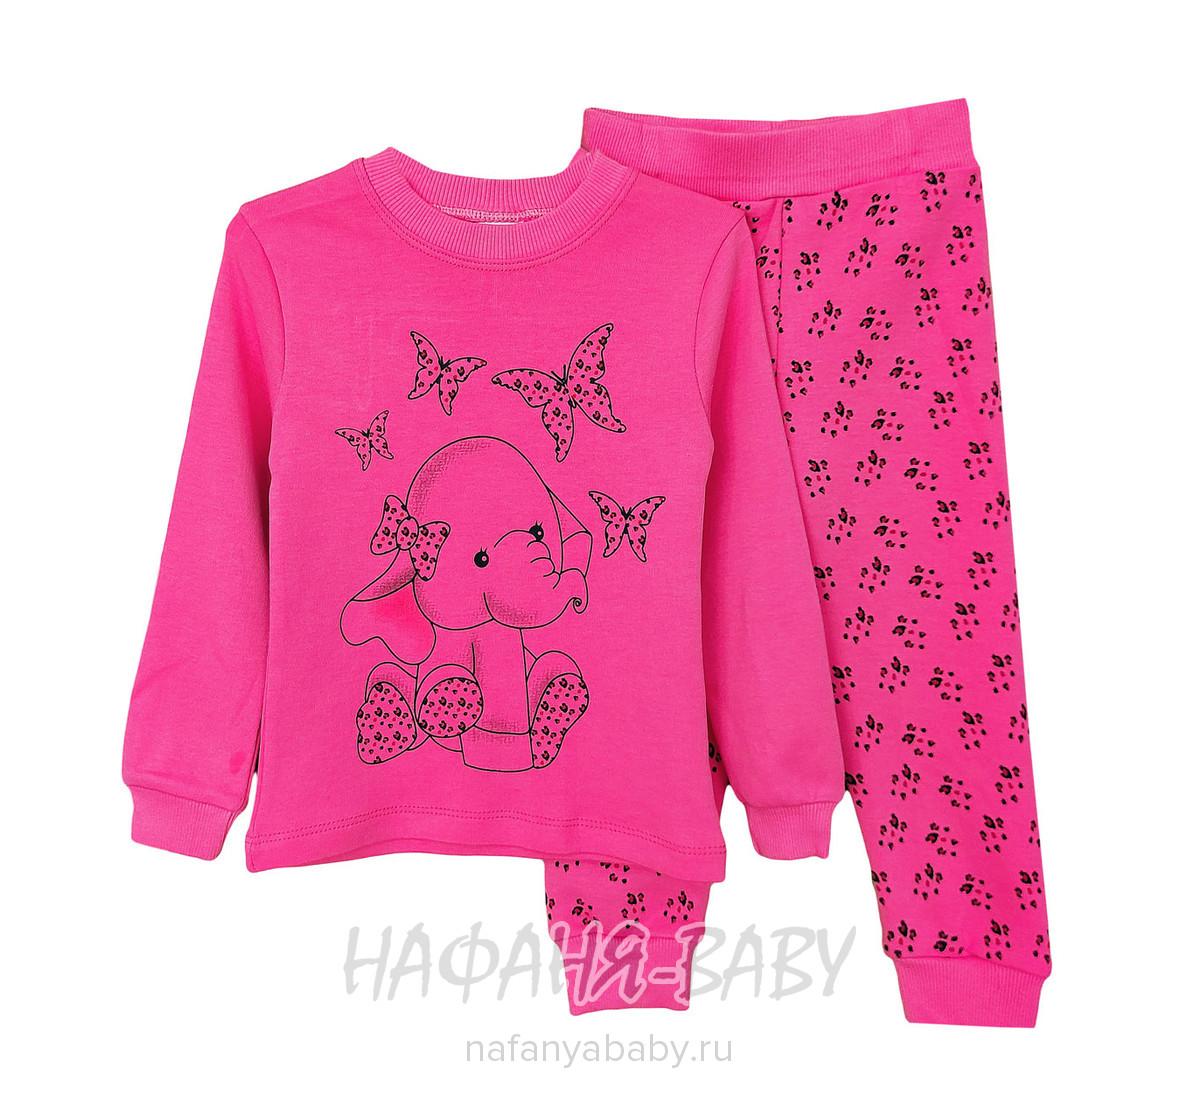 Детский костюм Cit Cit арт: 5378, 1-4 года, цвет розовый, оптом Турция